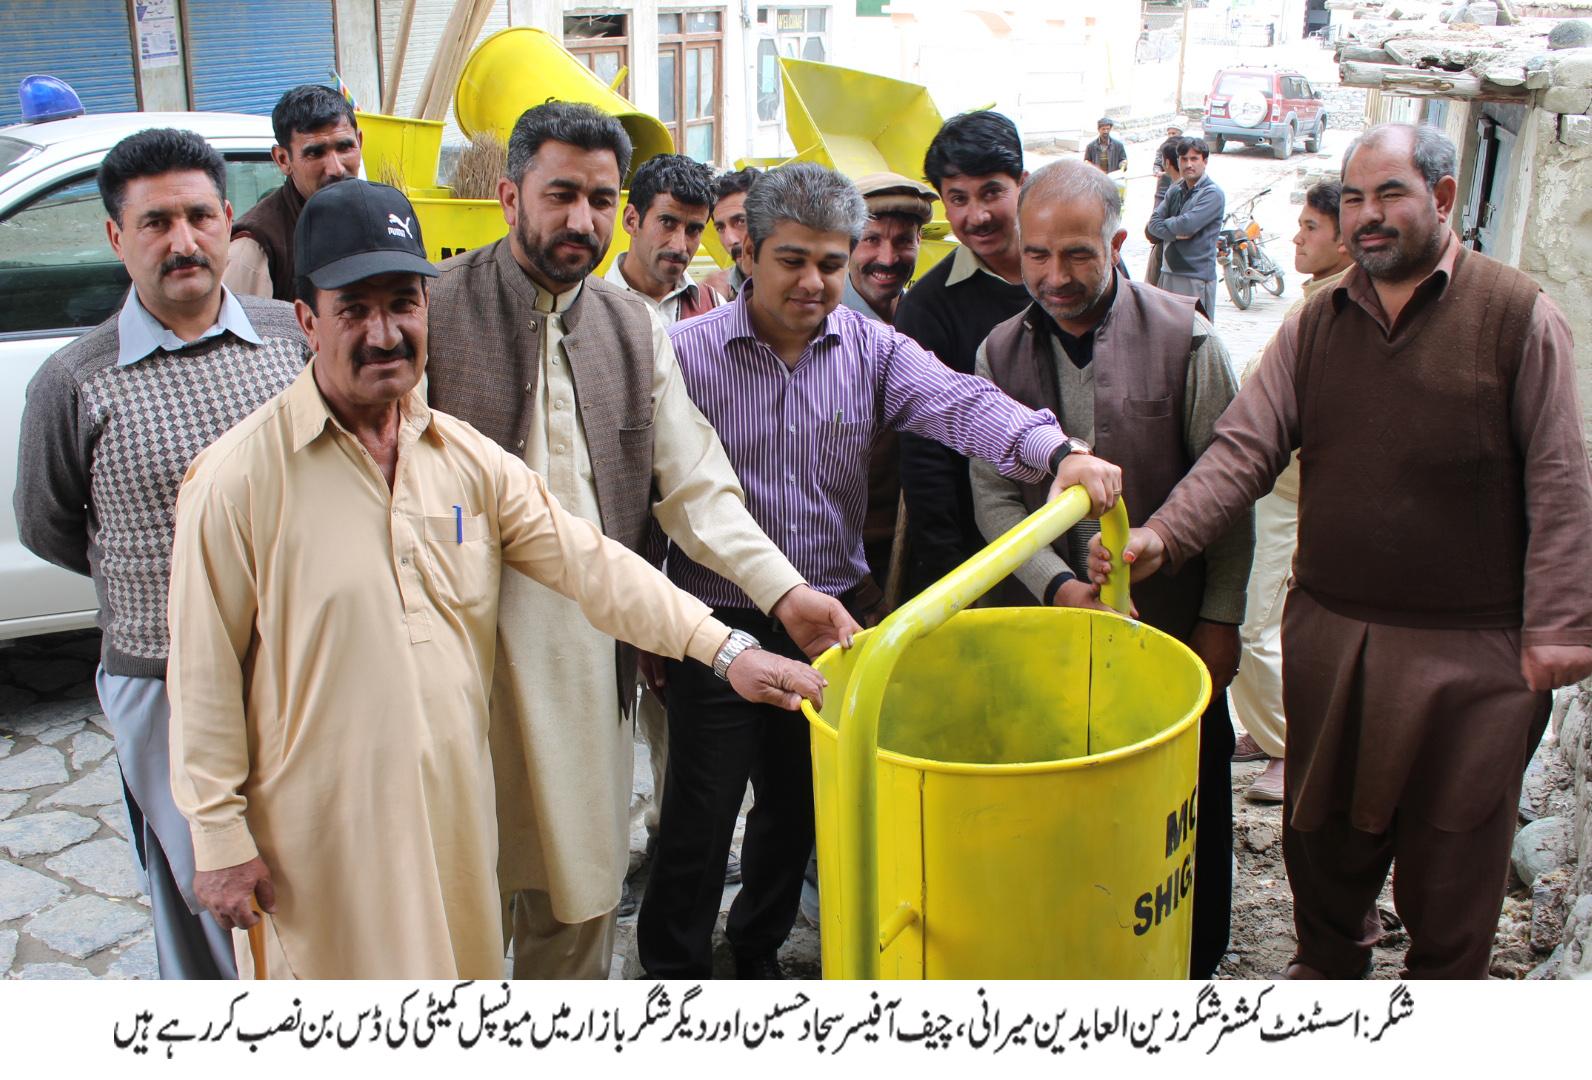 شگر بازار میں صفائی مہم کا آغاز